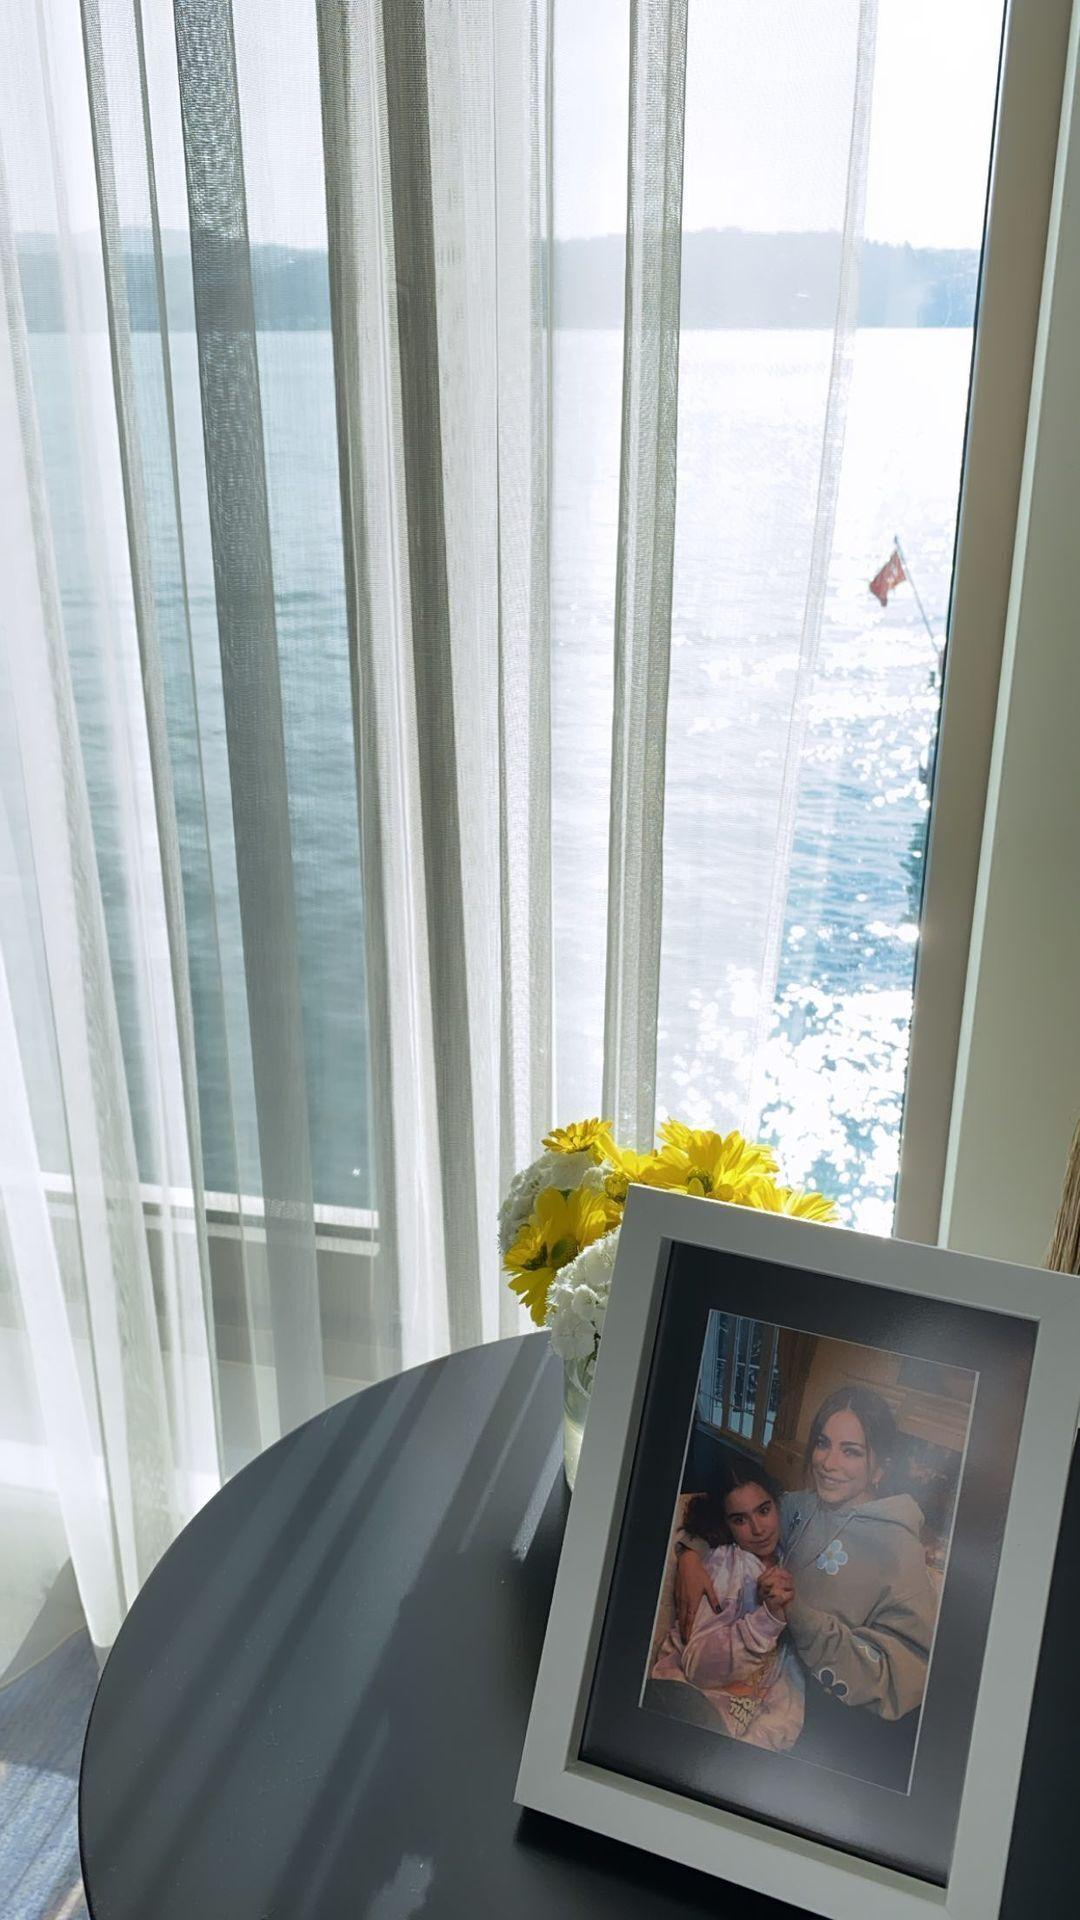 Співачка показала фоторамку на тлі моря, де зображена вона зі своєю дочкою Софією.